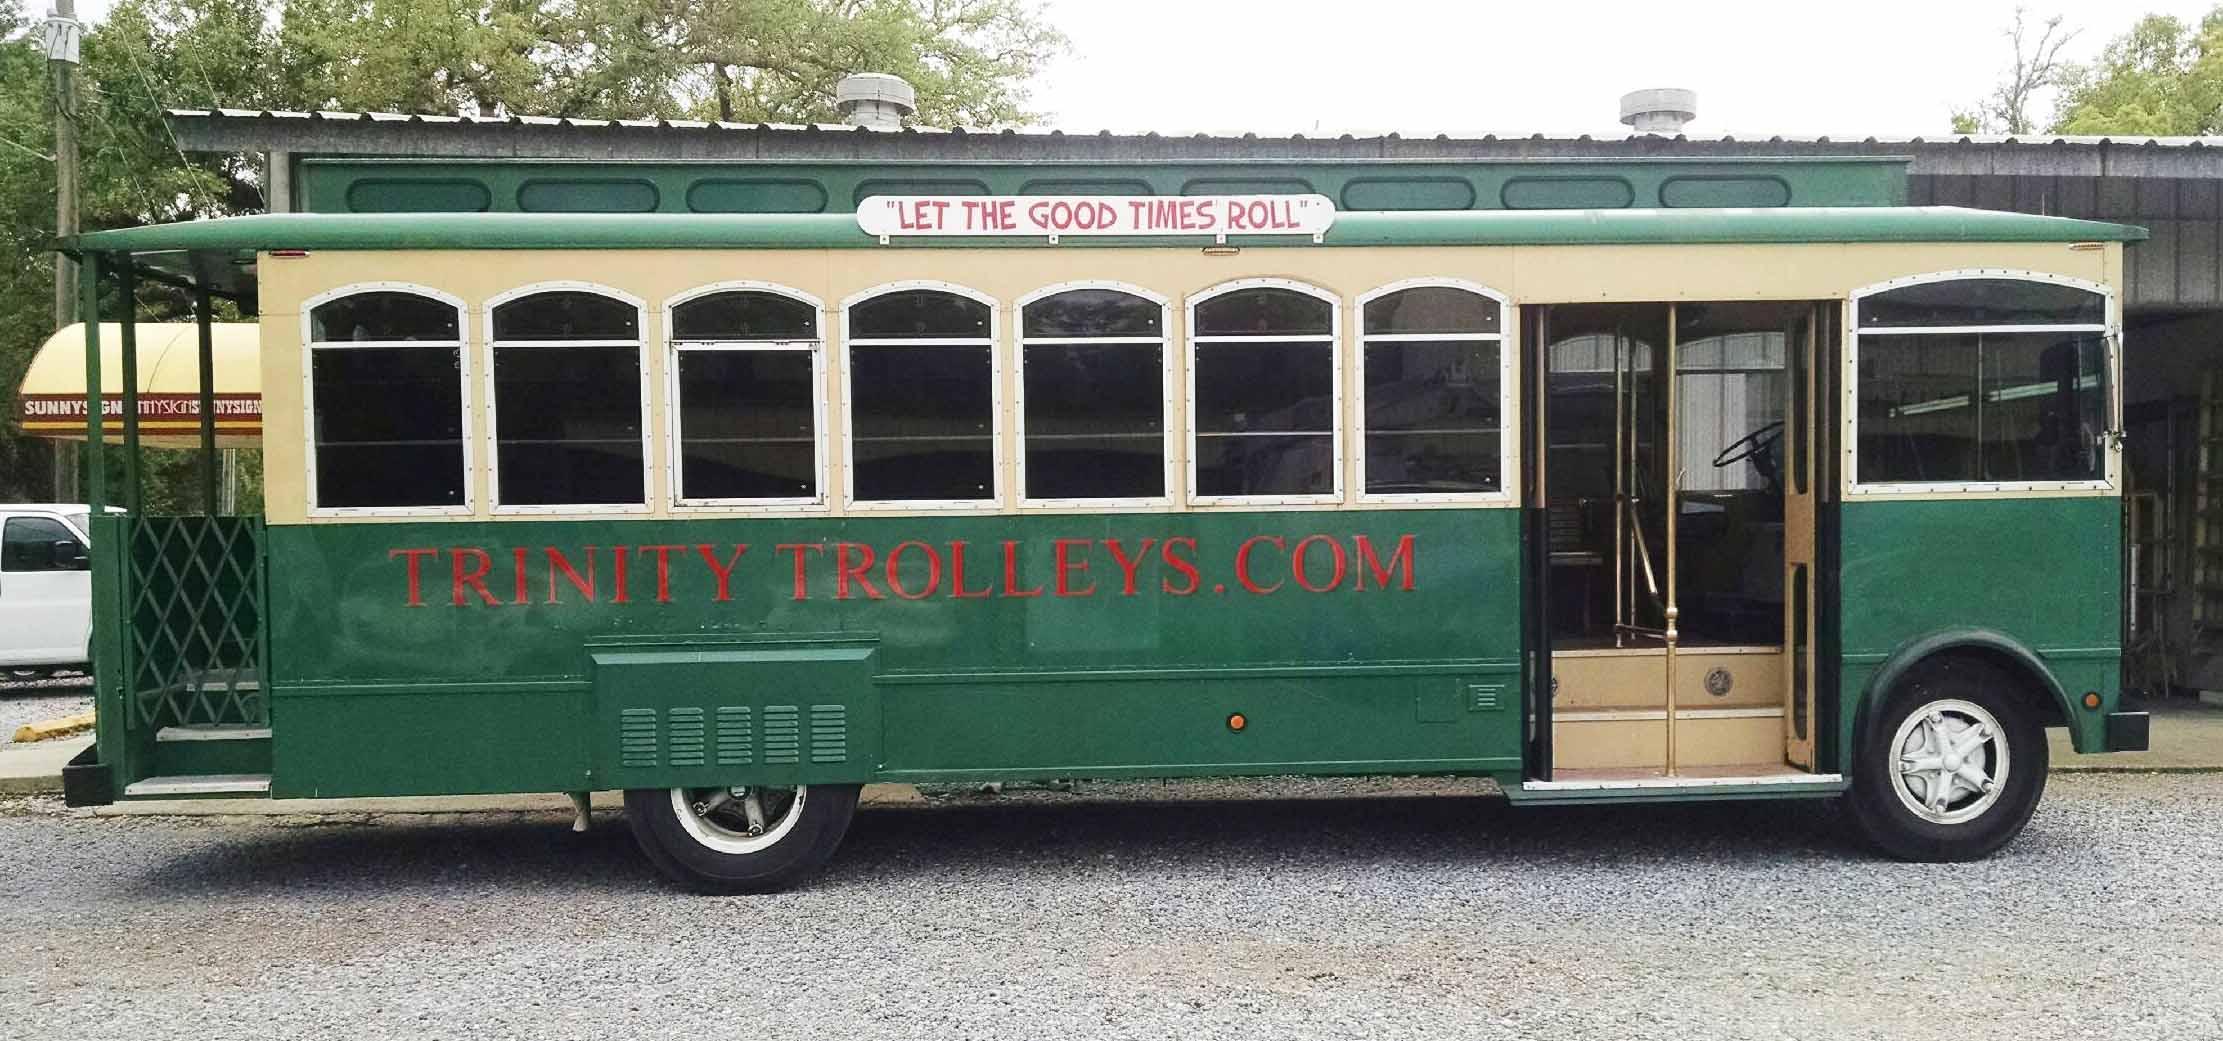 Trolley Lettering